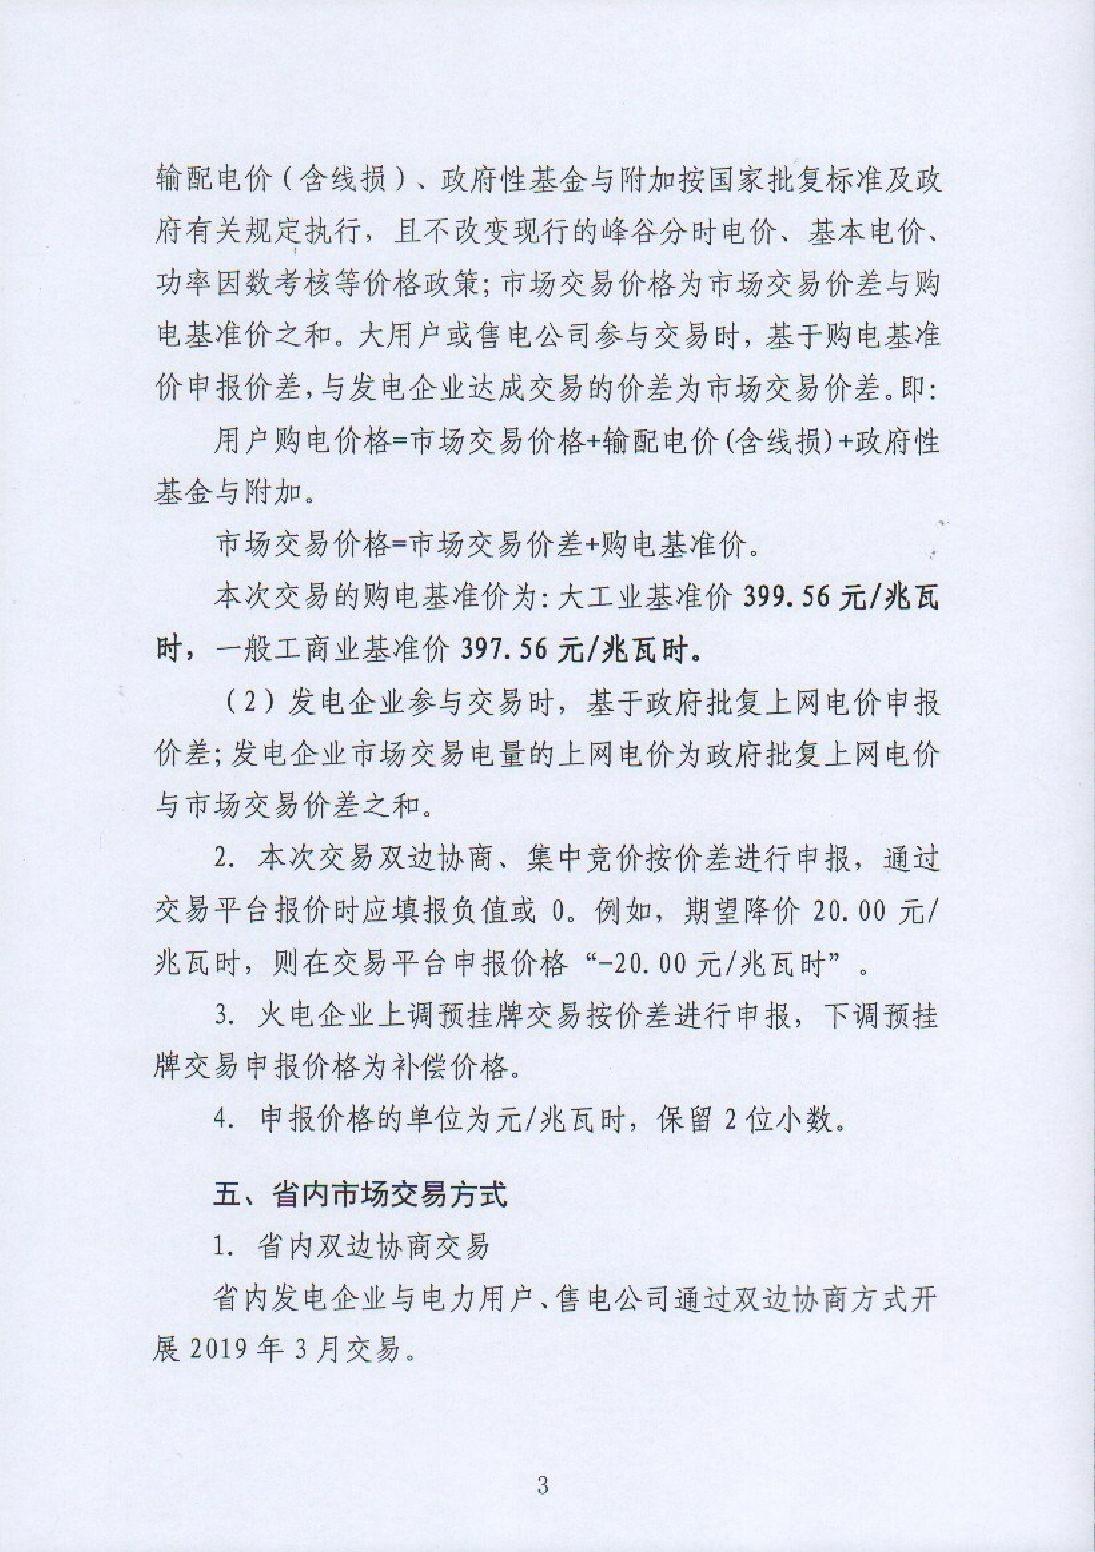 湖南電力交易中心有限公司關于2019年3月電力市場交易的公告.pdf_page_3_compressed.jpg